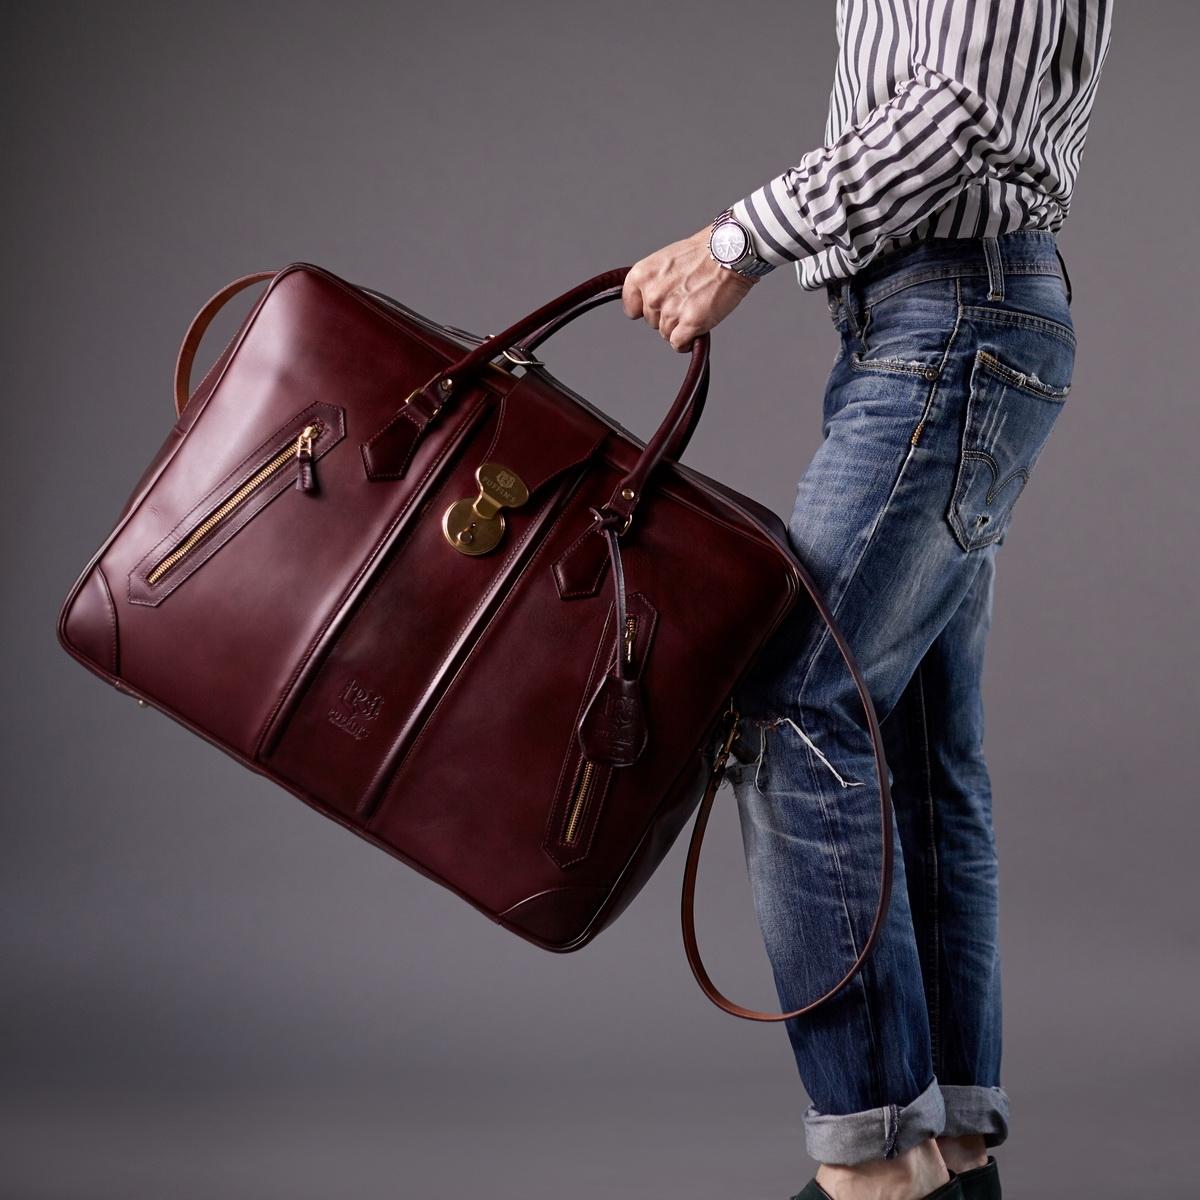 чемодан для путешествий holiday бордо